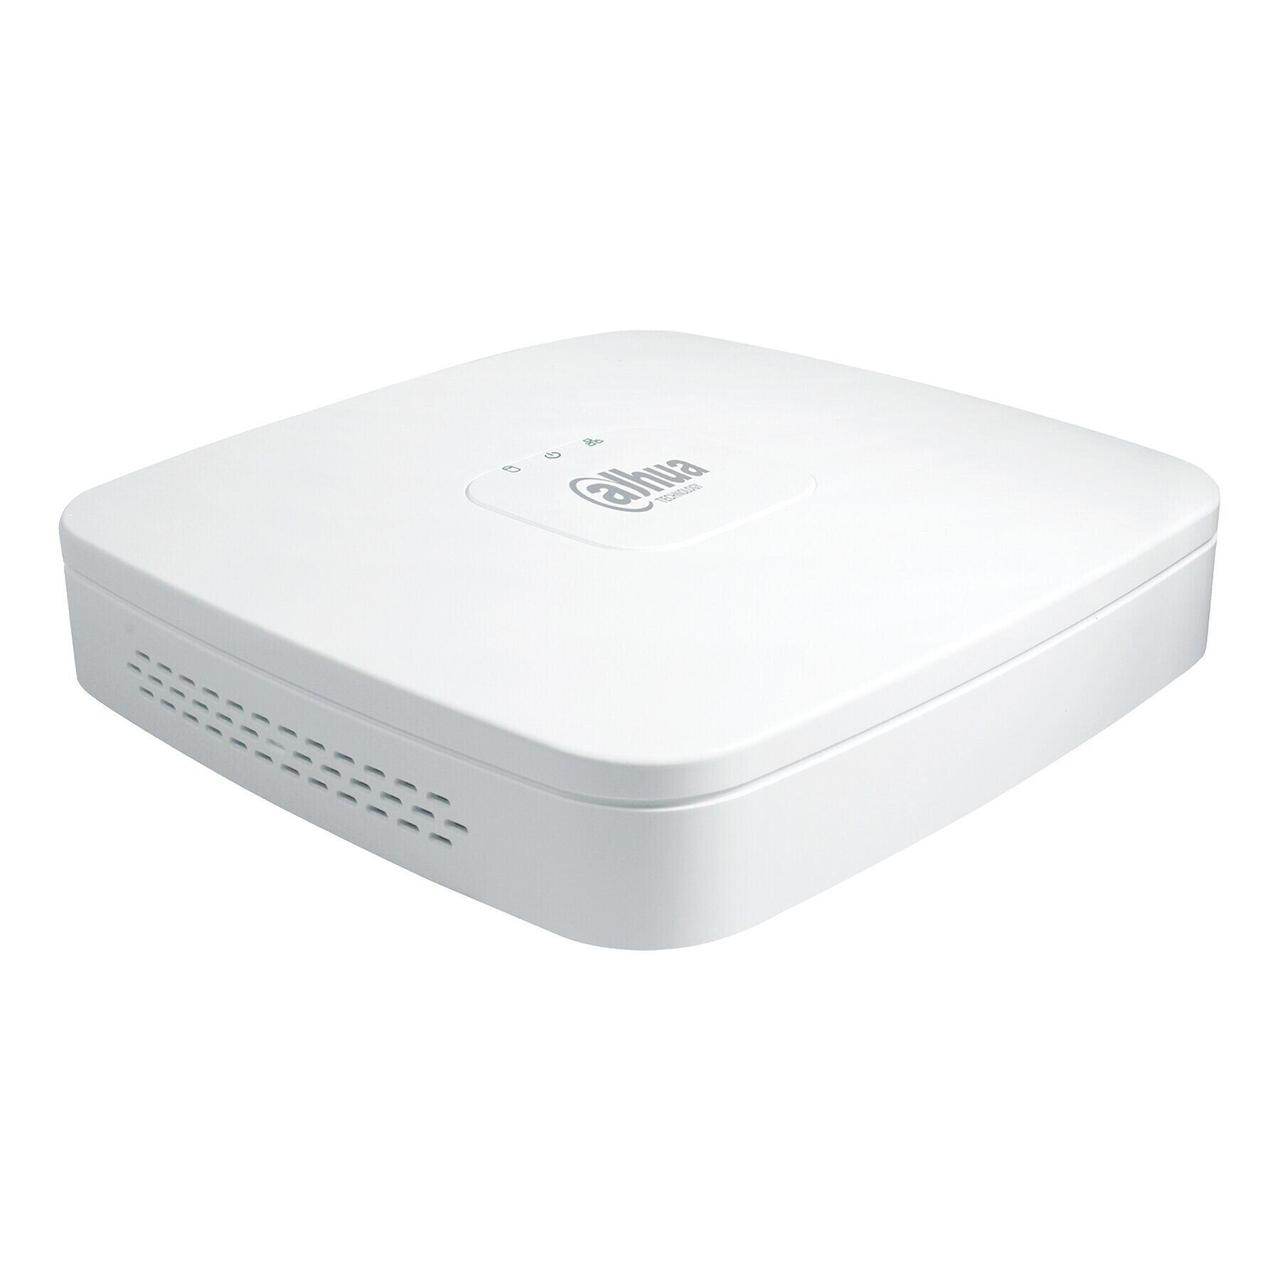 8-канальный Smart 4K сетевой видеорегистратор Dahua DHI-NVR4108-4KS2/L